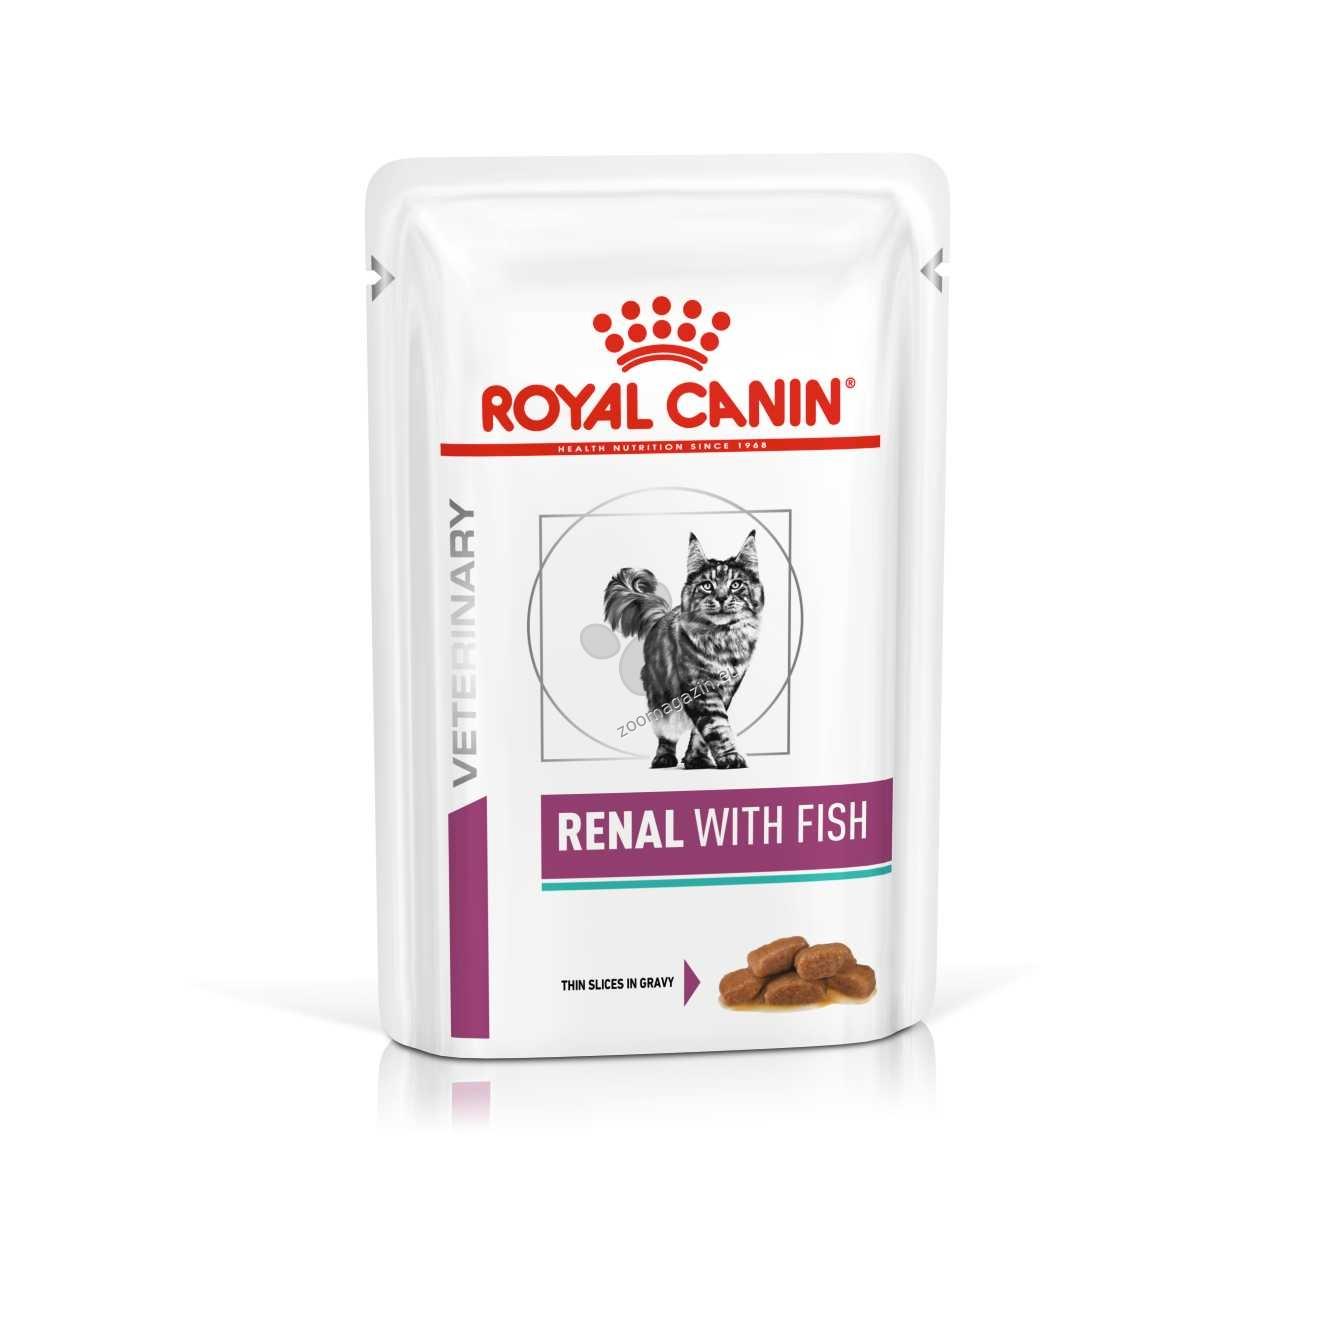 Royal Canin Renal Cat Tuna - лечебна храна за котки, формулирана в подкрепа на бъбречната функция в случай на хронична или временна бъбречна недостатъчност, чрез ограниченото си ниво на фосфор и висококачествените протеини 85 гр.